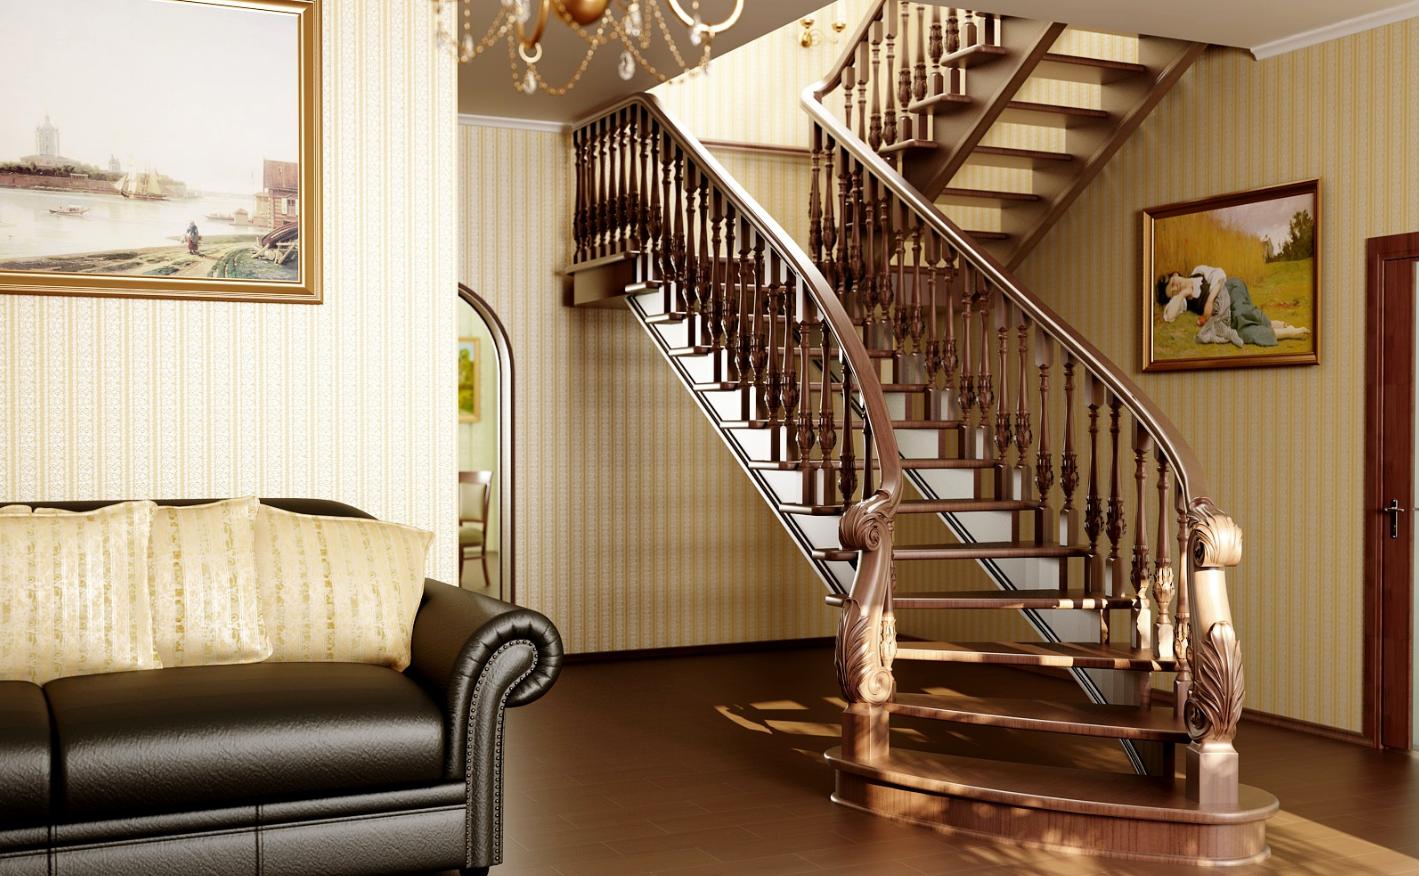 деревянных лестниц - Бизнес-идея изготовления лестниц